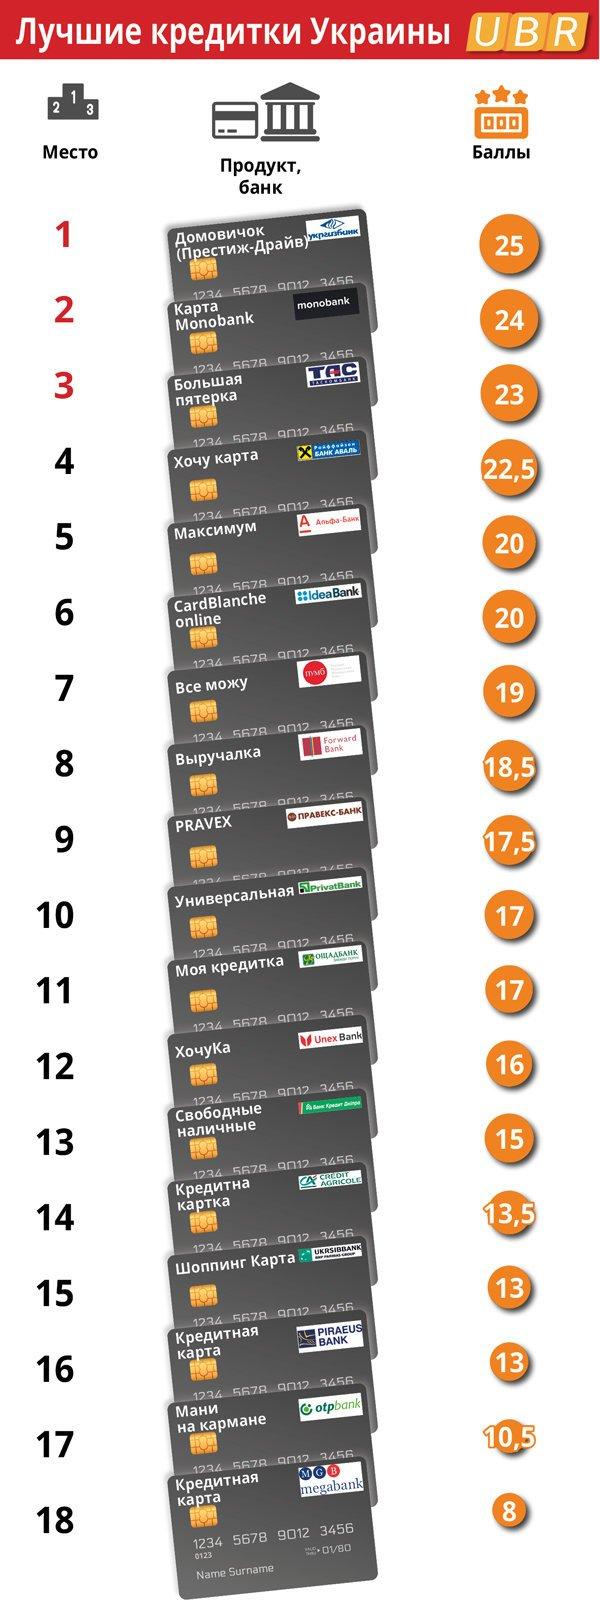 Найвигідніші кредитні картки банків України, фото-1